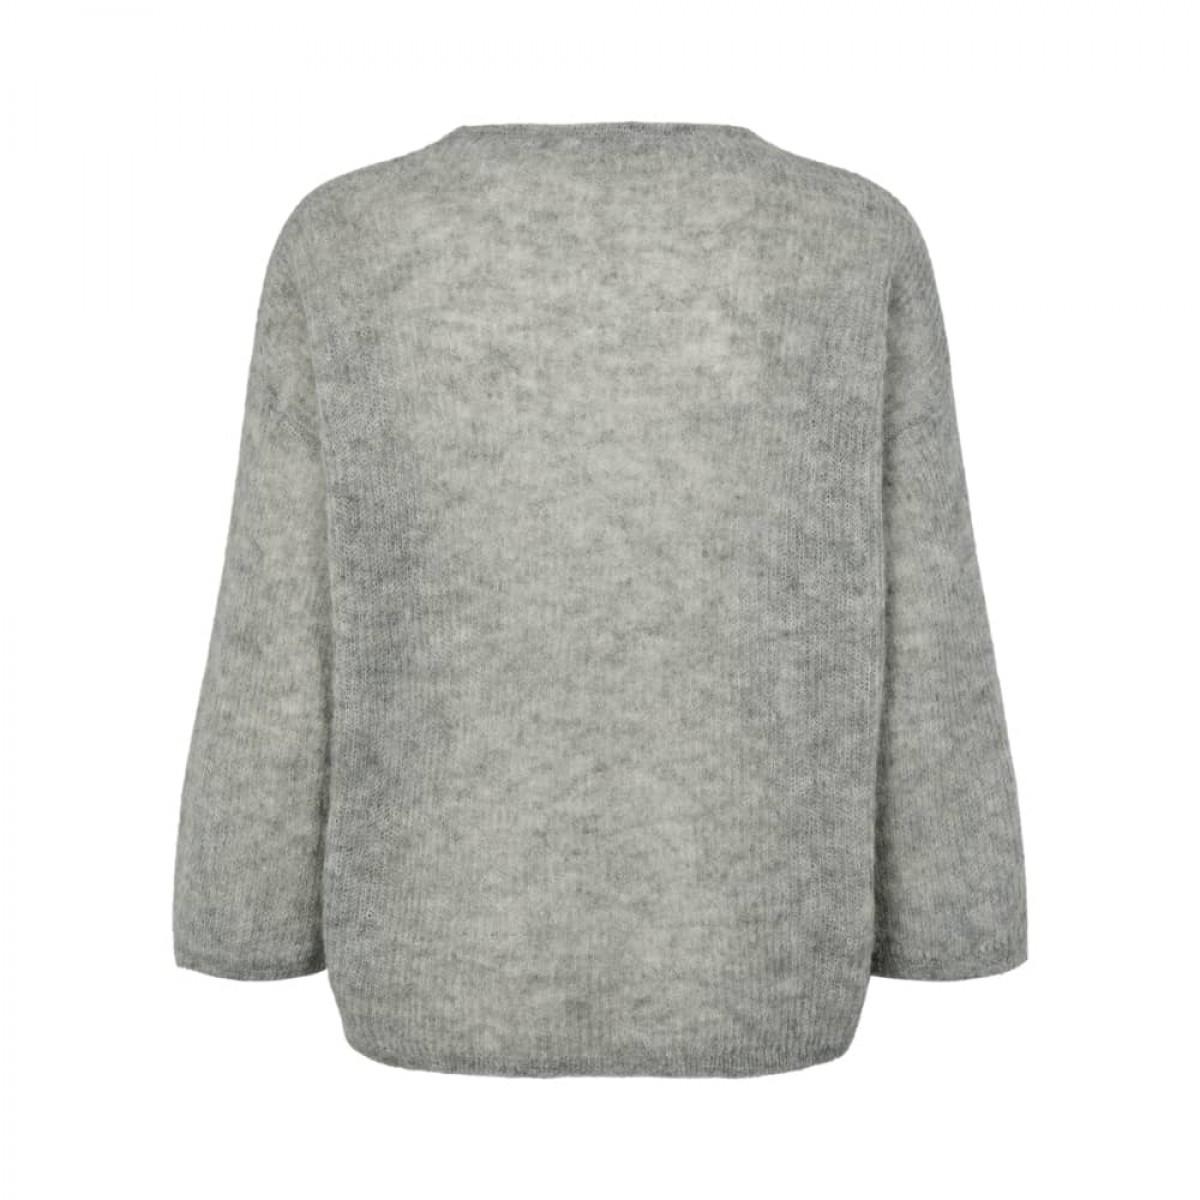 edda strik bluse - grey melange - ryggen